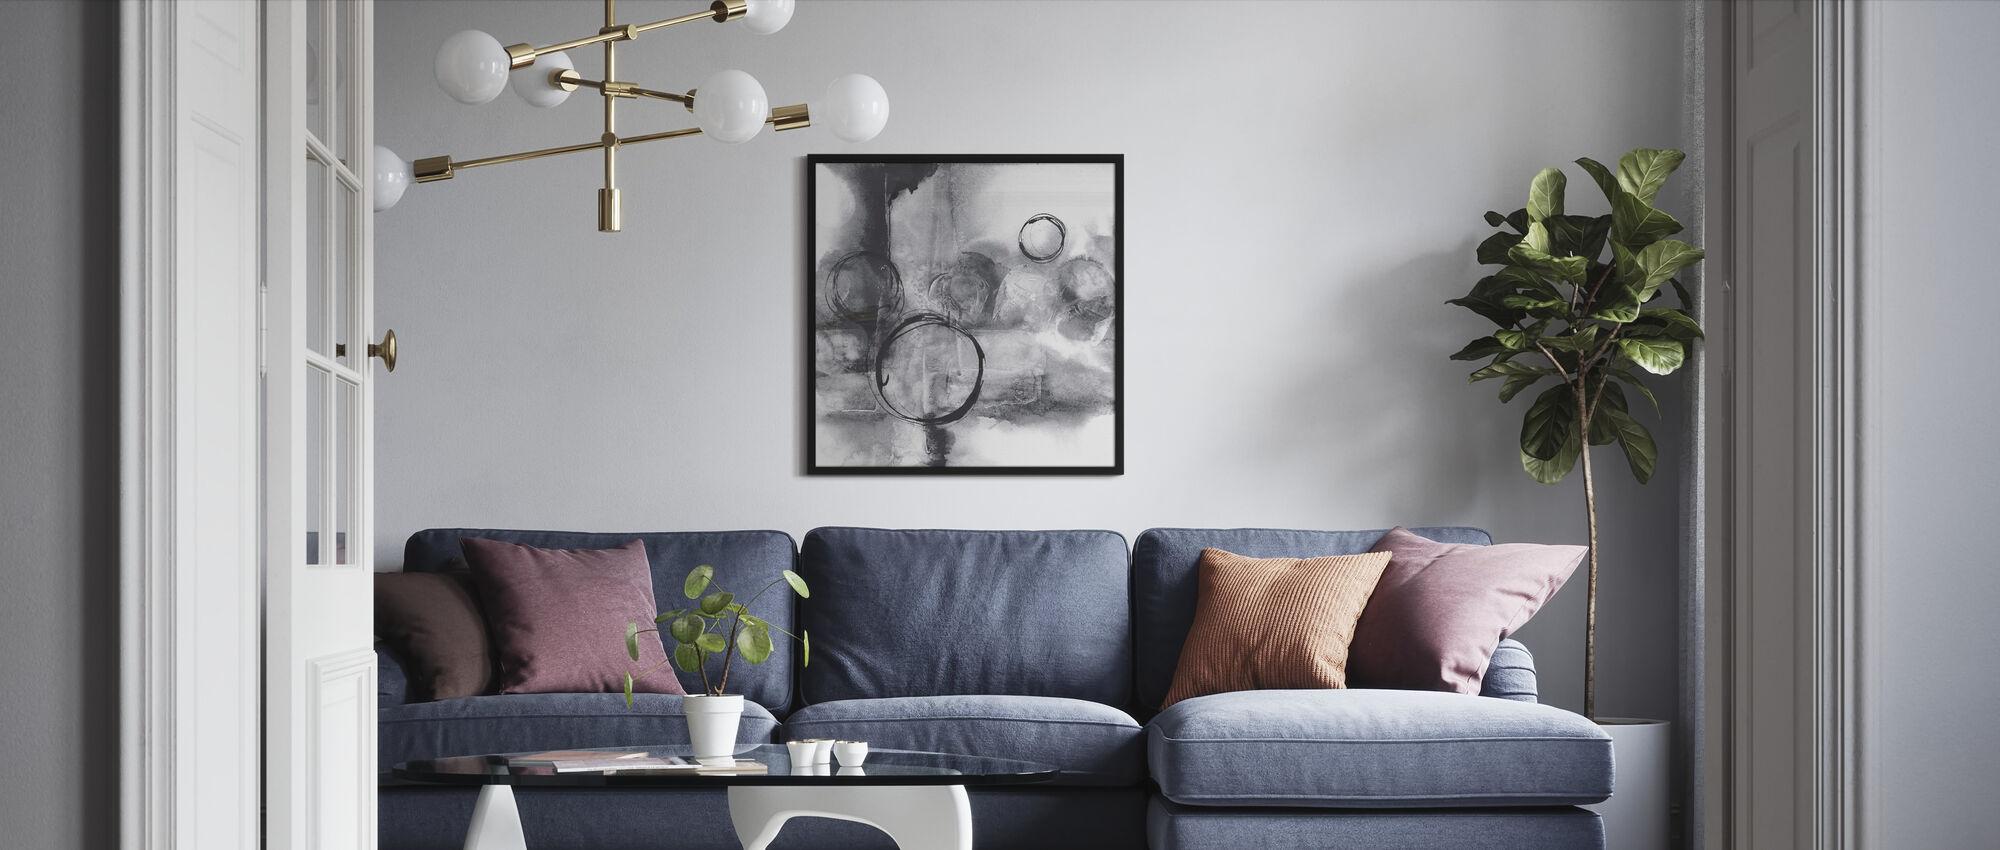 Full Circle I - Framed print - Living Room